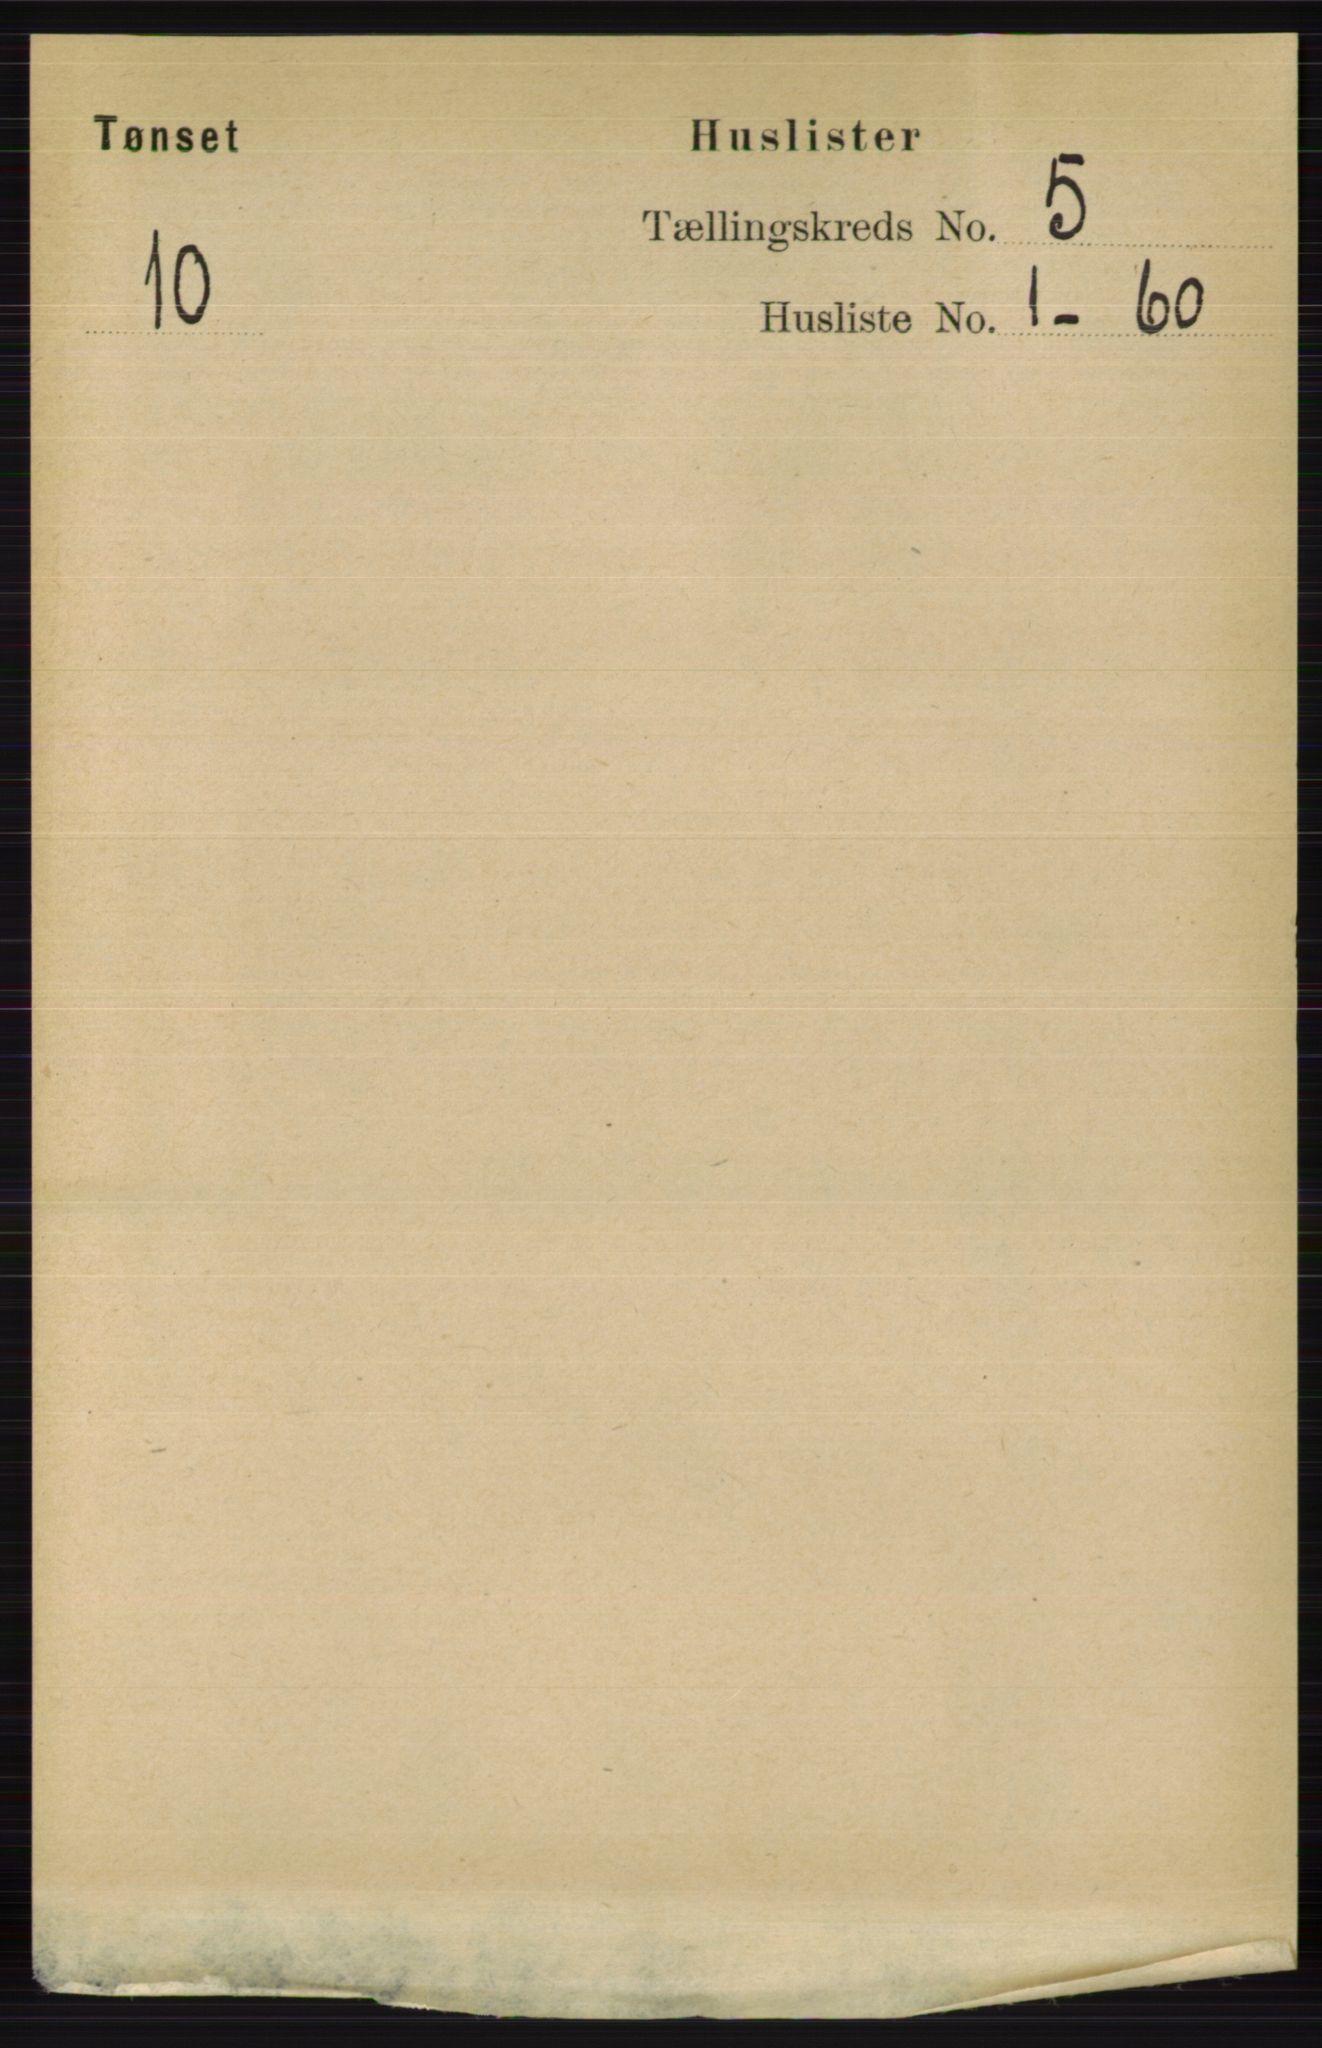 RA, Folketelling 1891 for 0437 Tynset herred, 1891, s. 1013